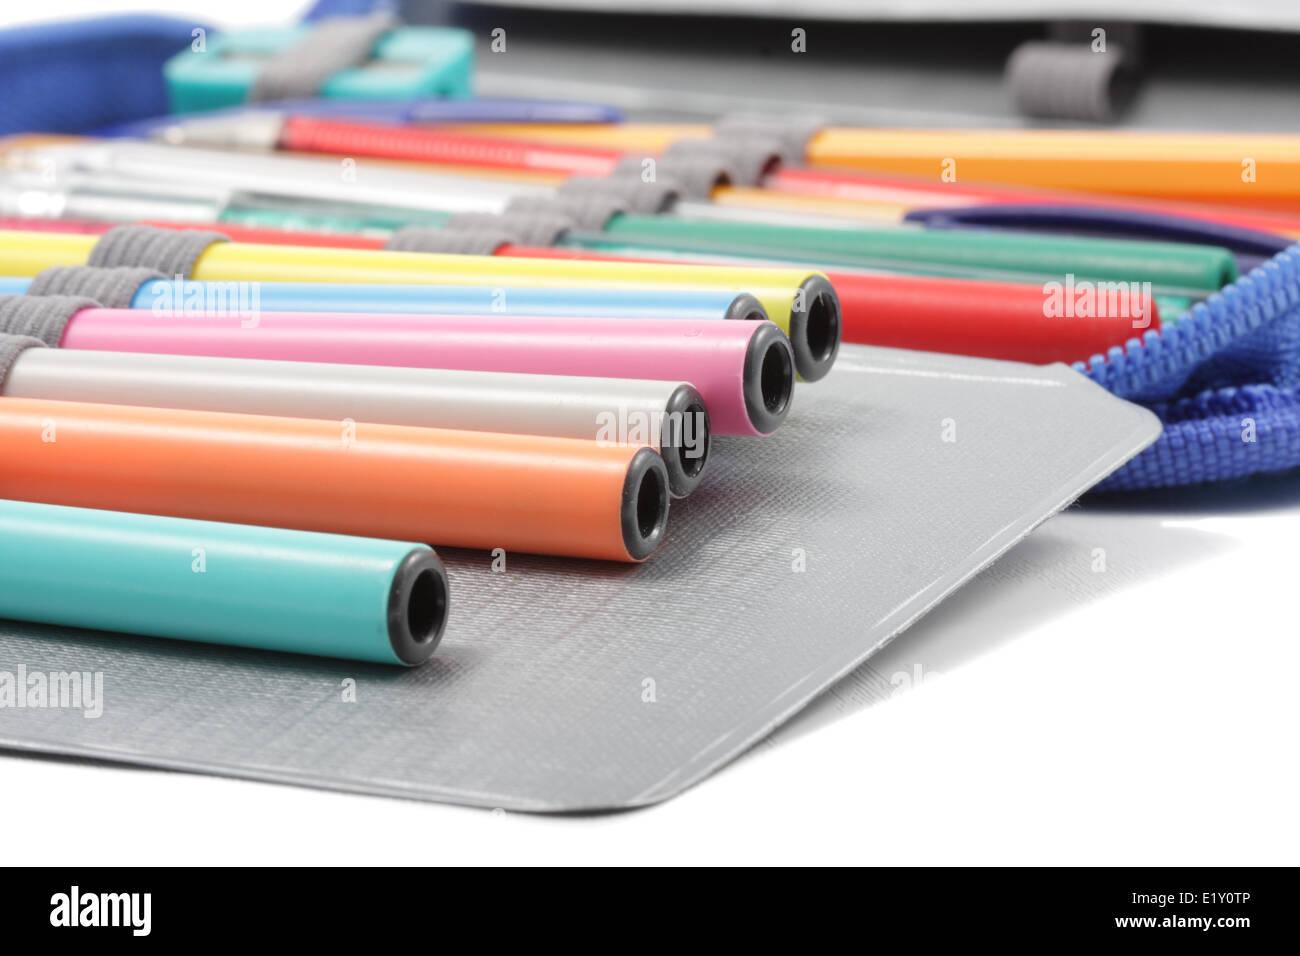 Articles de papeterie Photo Stock